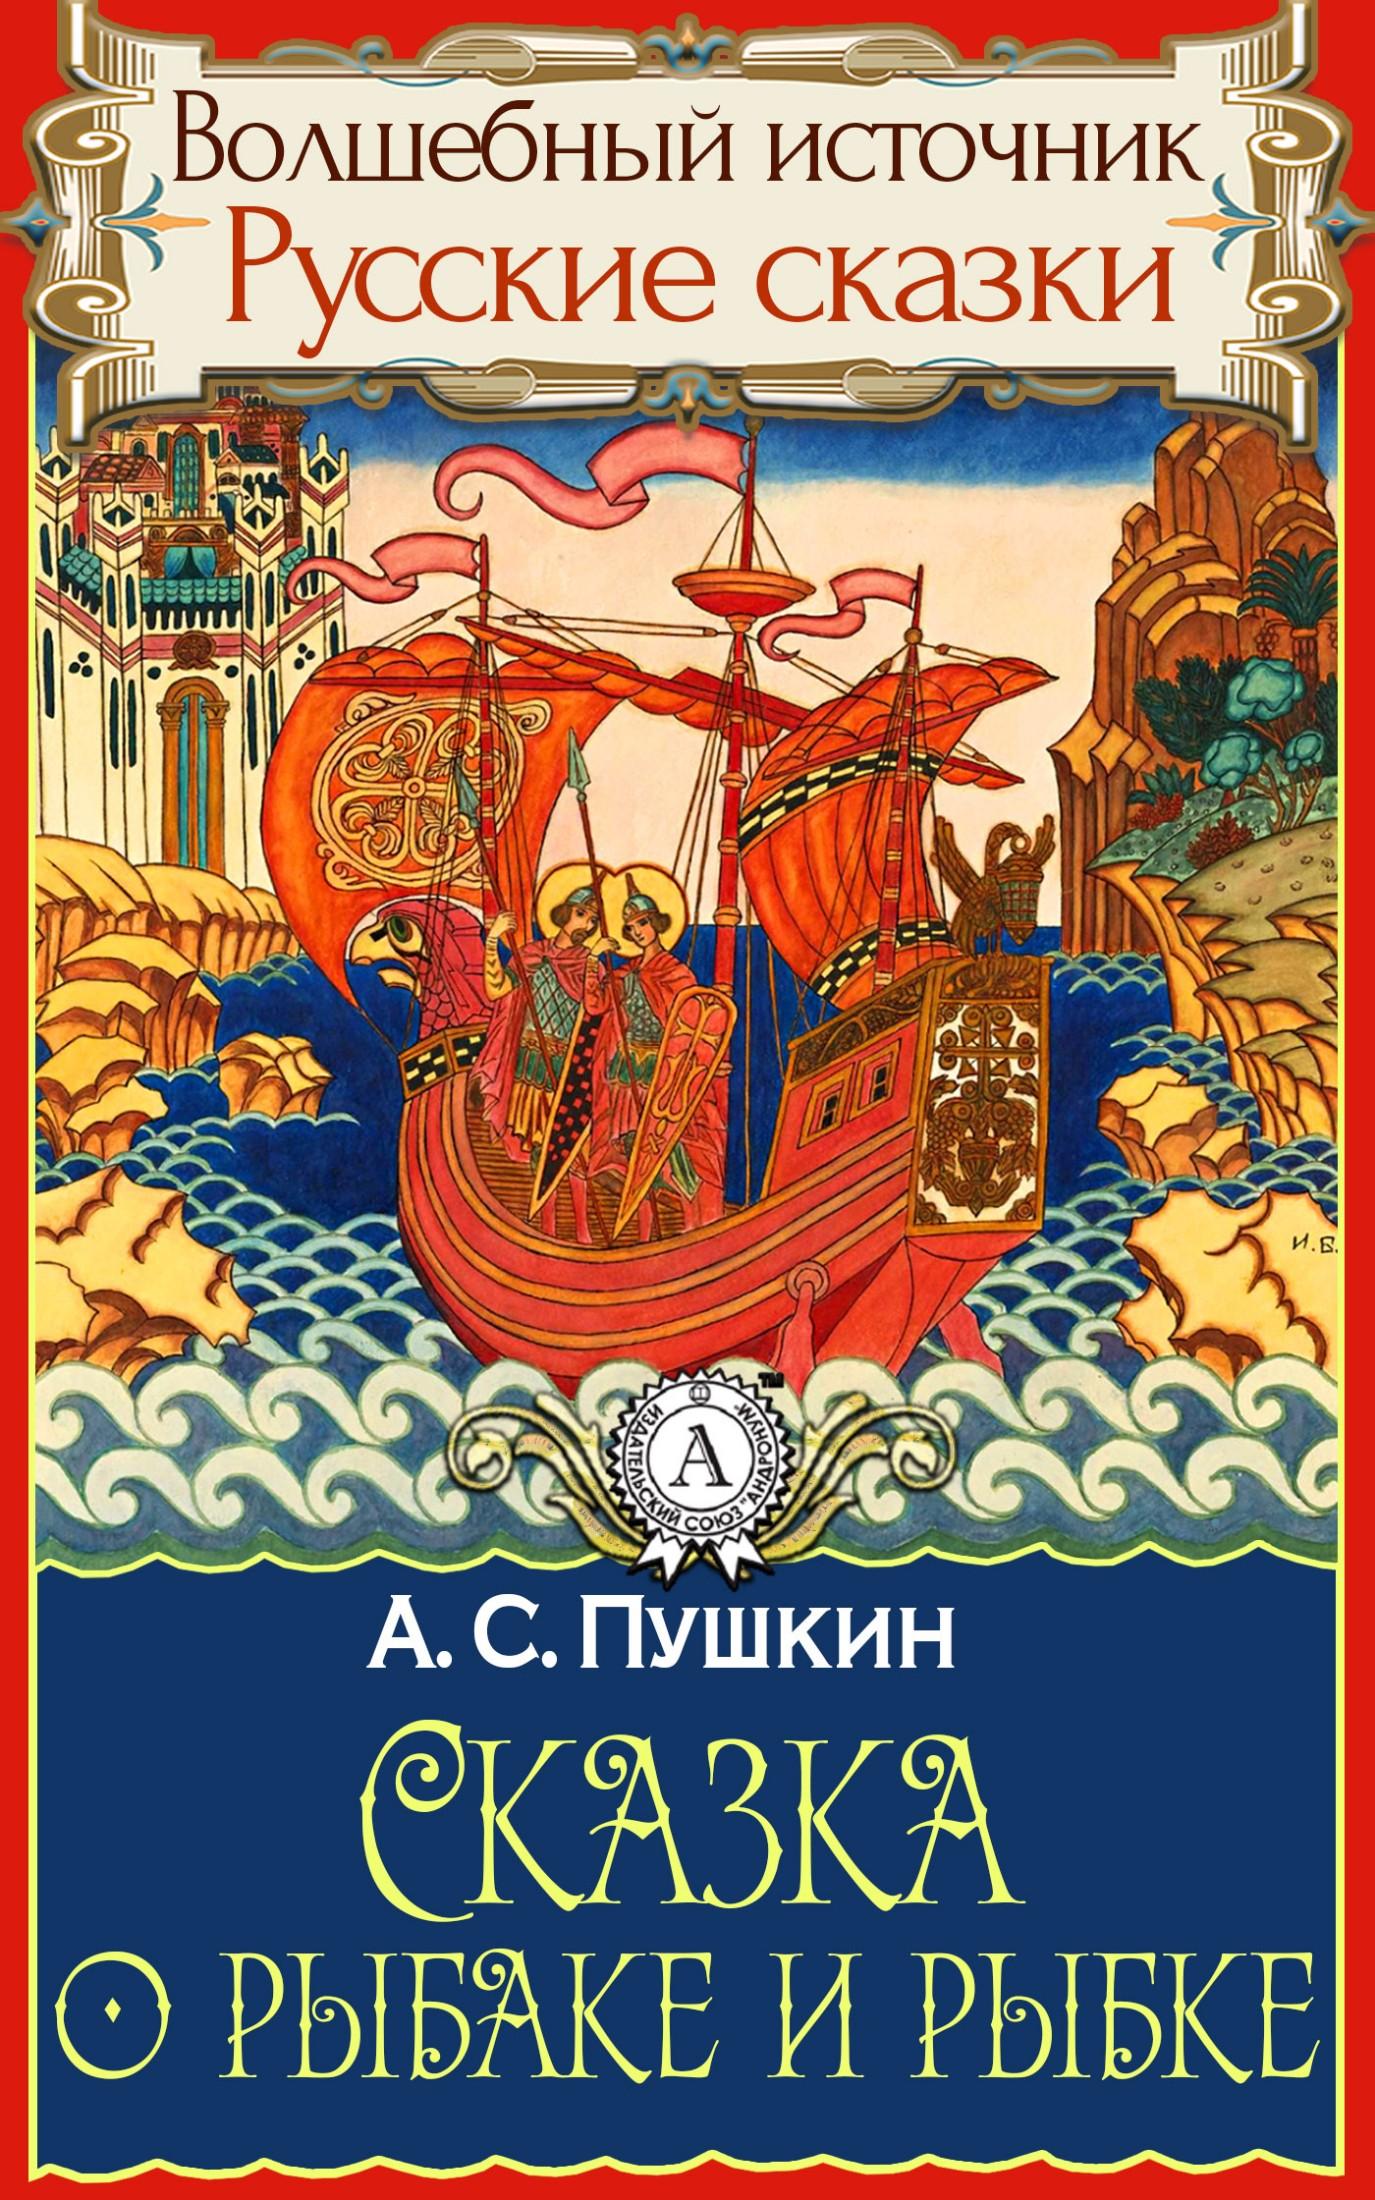 Олександр Пушкін Сказка о рыбаке и рыбке